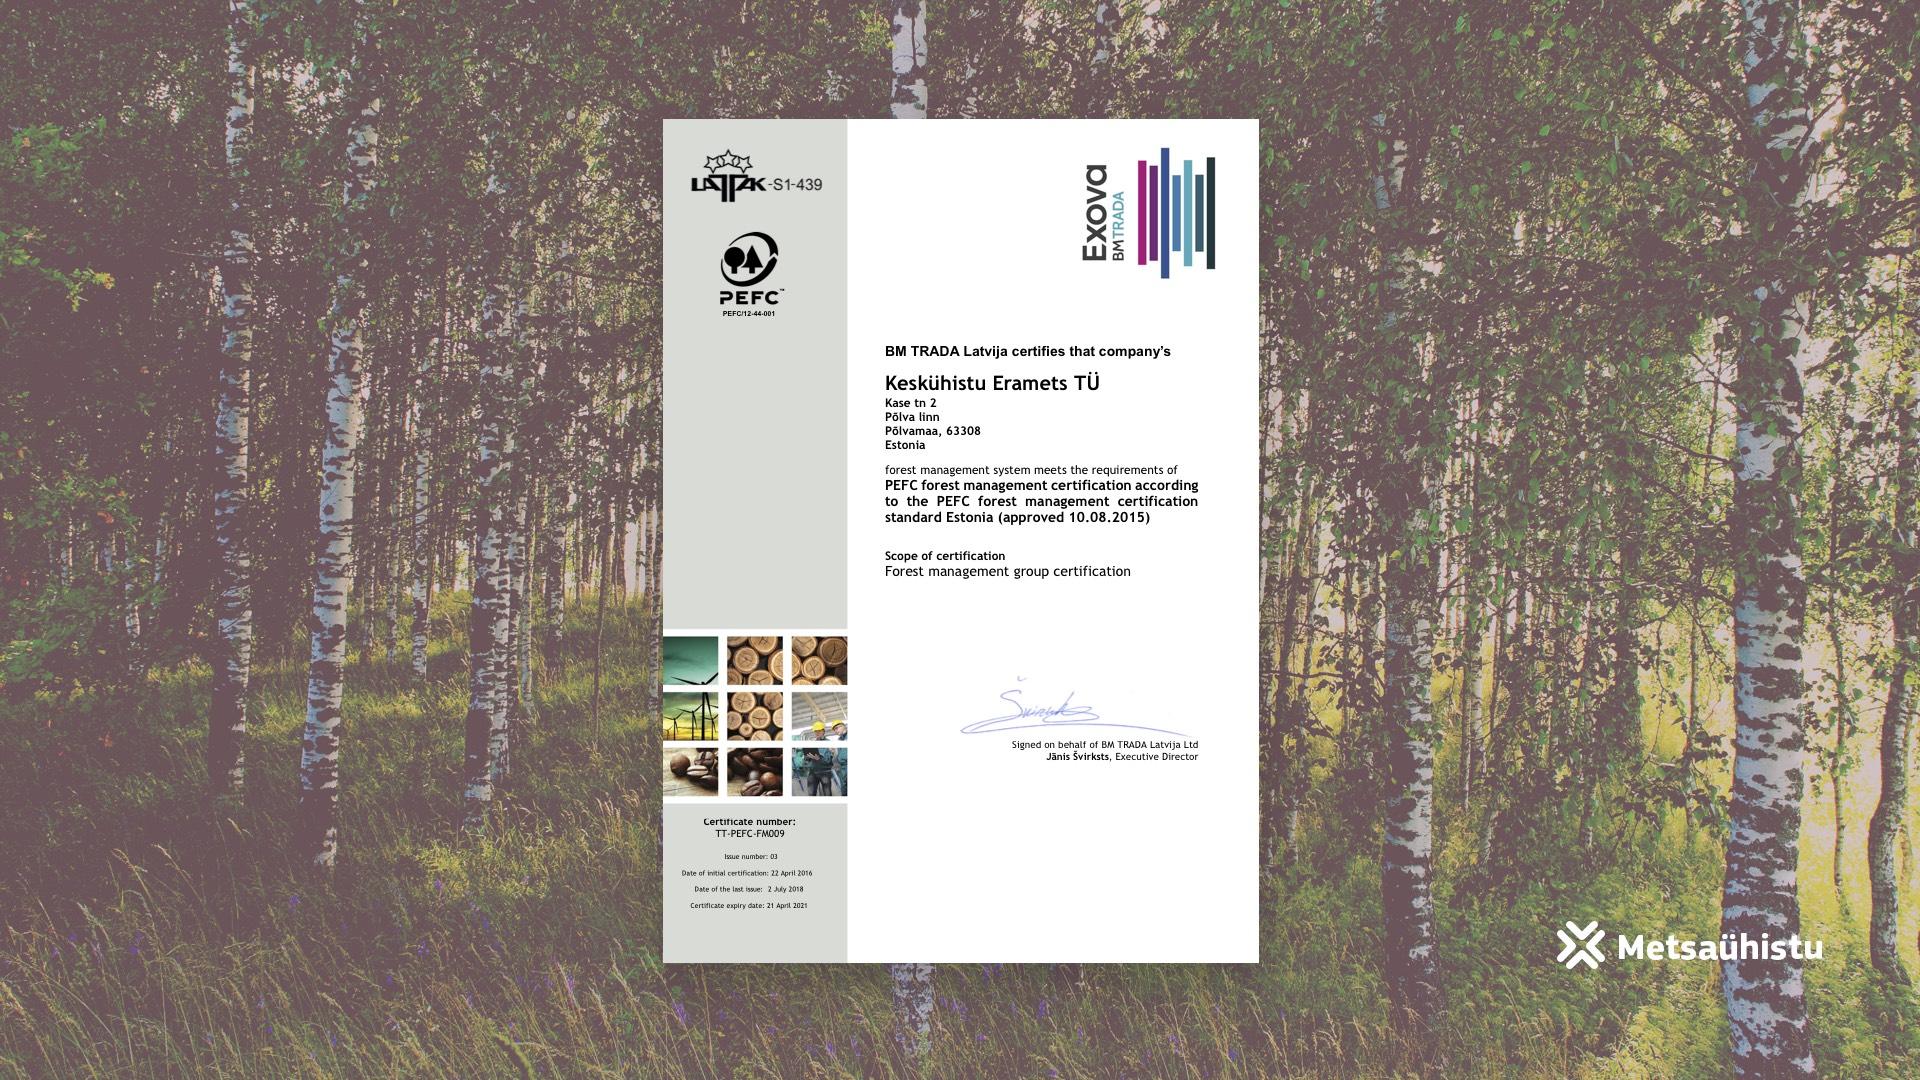 PEFC sertifikaat Metsaühistu